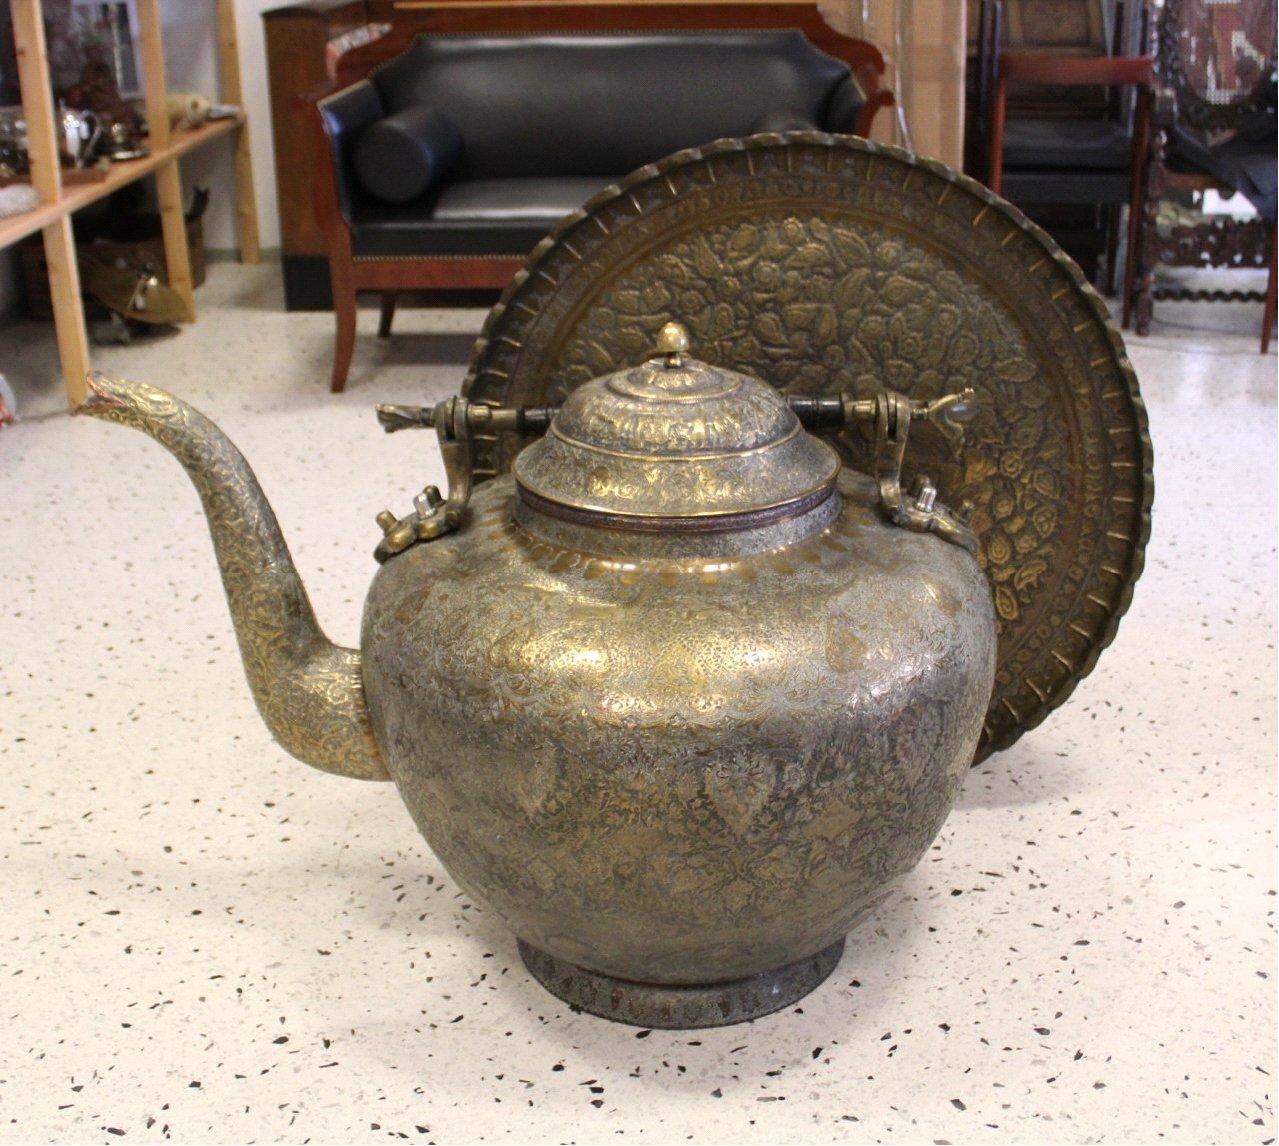 Antiker Riesiger Teekessel und Tablett, Persien um 1970